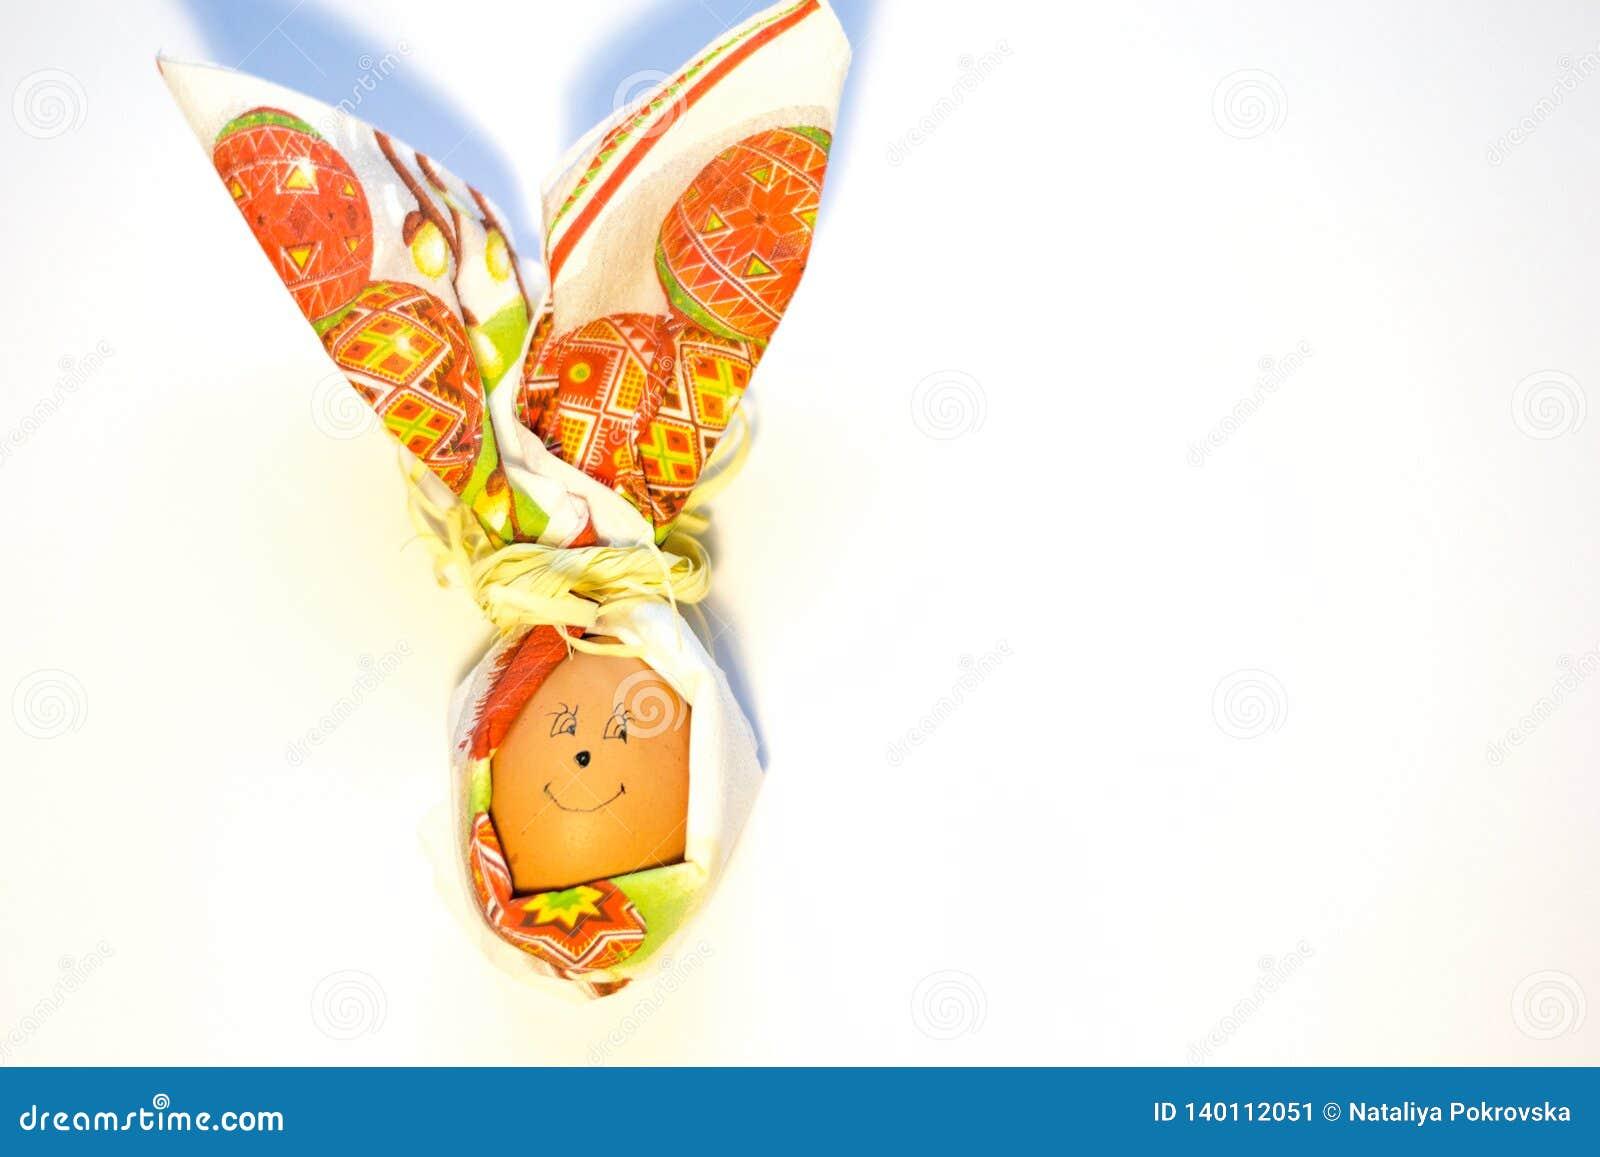 Closeuppåskägg med vänt mot leende i form av kanin av pappersservetten som isoleras på vit bakgrund Förberedelse för vår